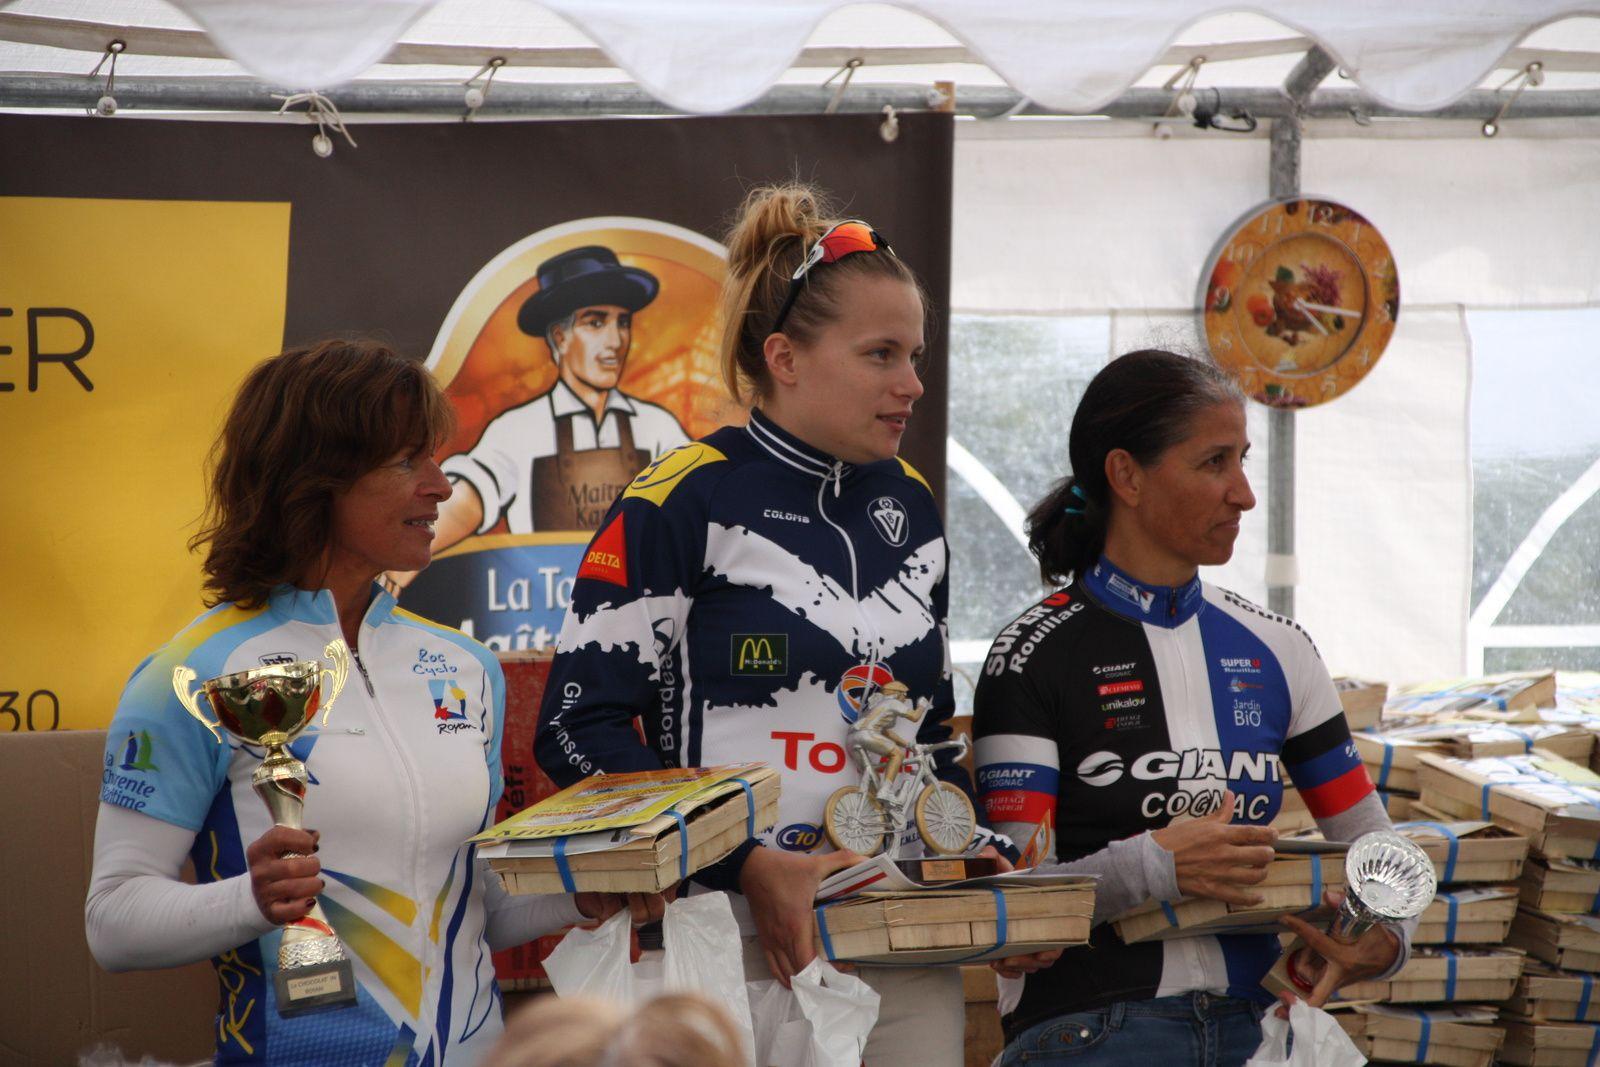 Le  podium  des  Dames  avec  Pauline  VERHOEVEN  à  la  1er  place.